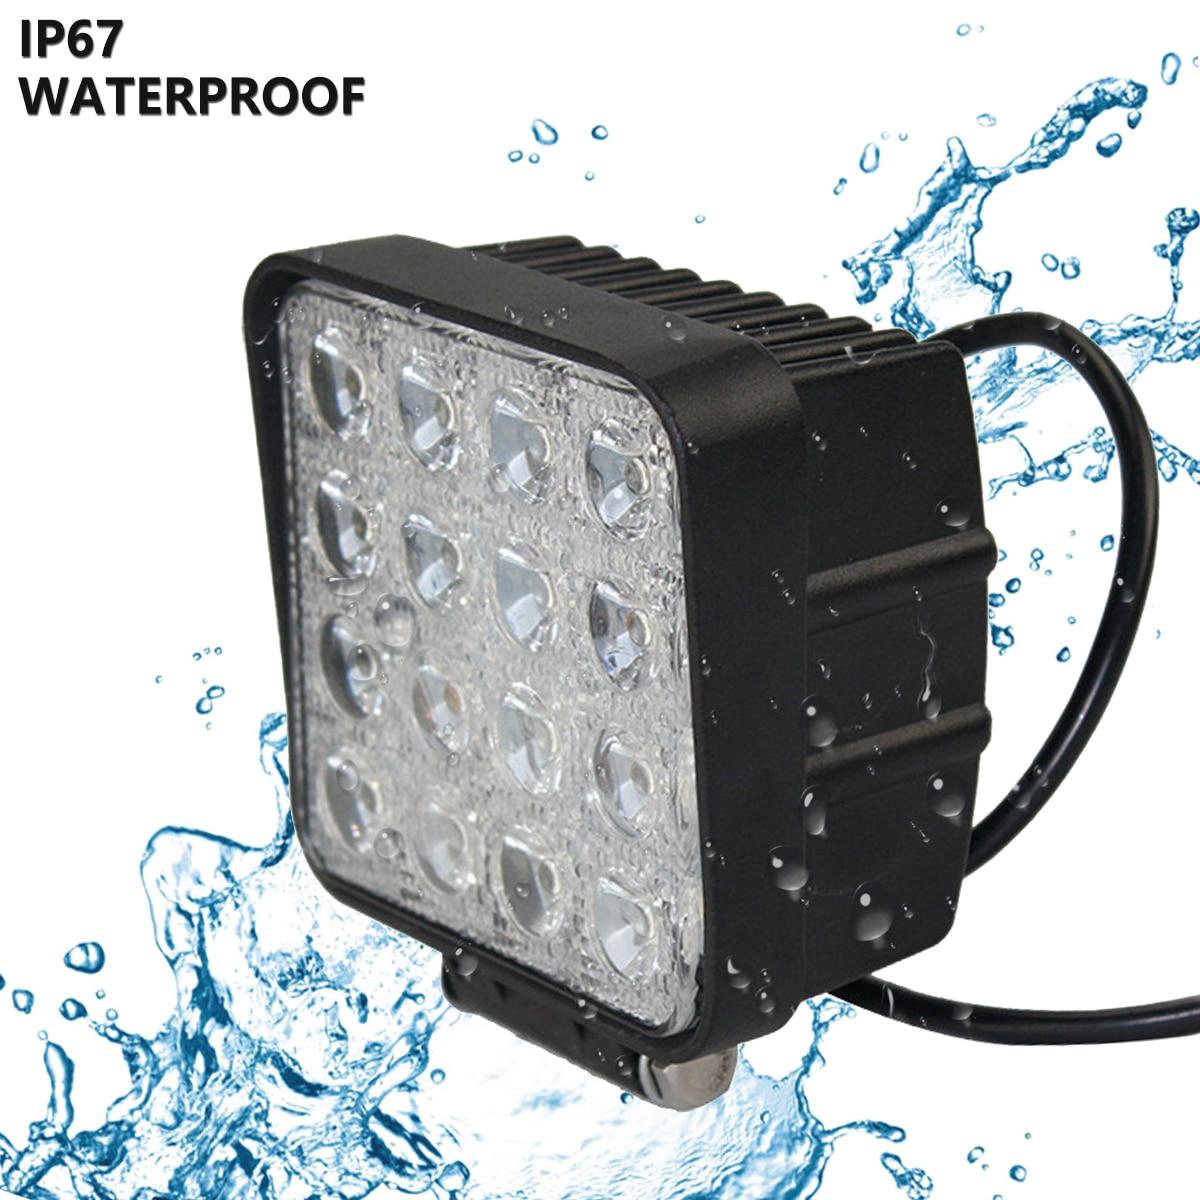 bc068dfc0d04 US $49.55 |48W Vehicel Headlights 16LEDs 6000K Cool White Light Bar 4*4  Vehicle Work Light LED Truck Pod Light for SUV,UTV,ATV z80-in Light  Bar/Work ...